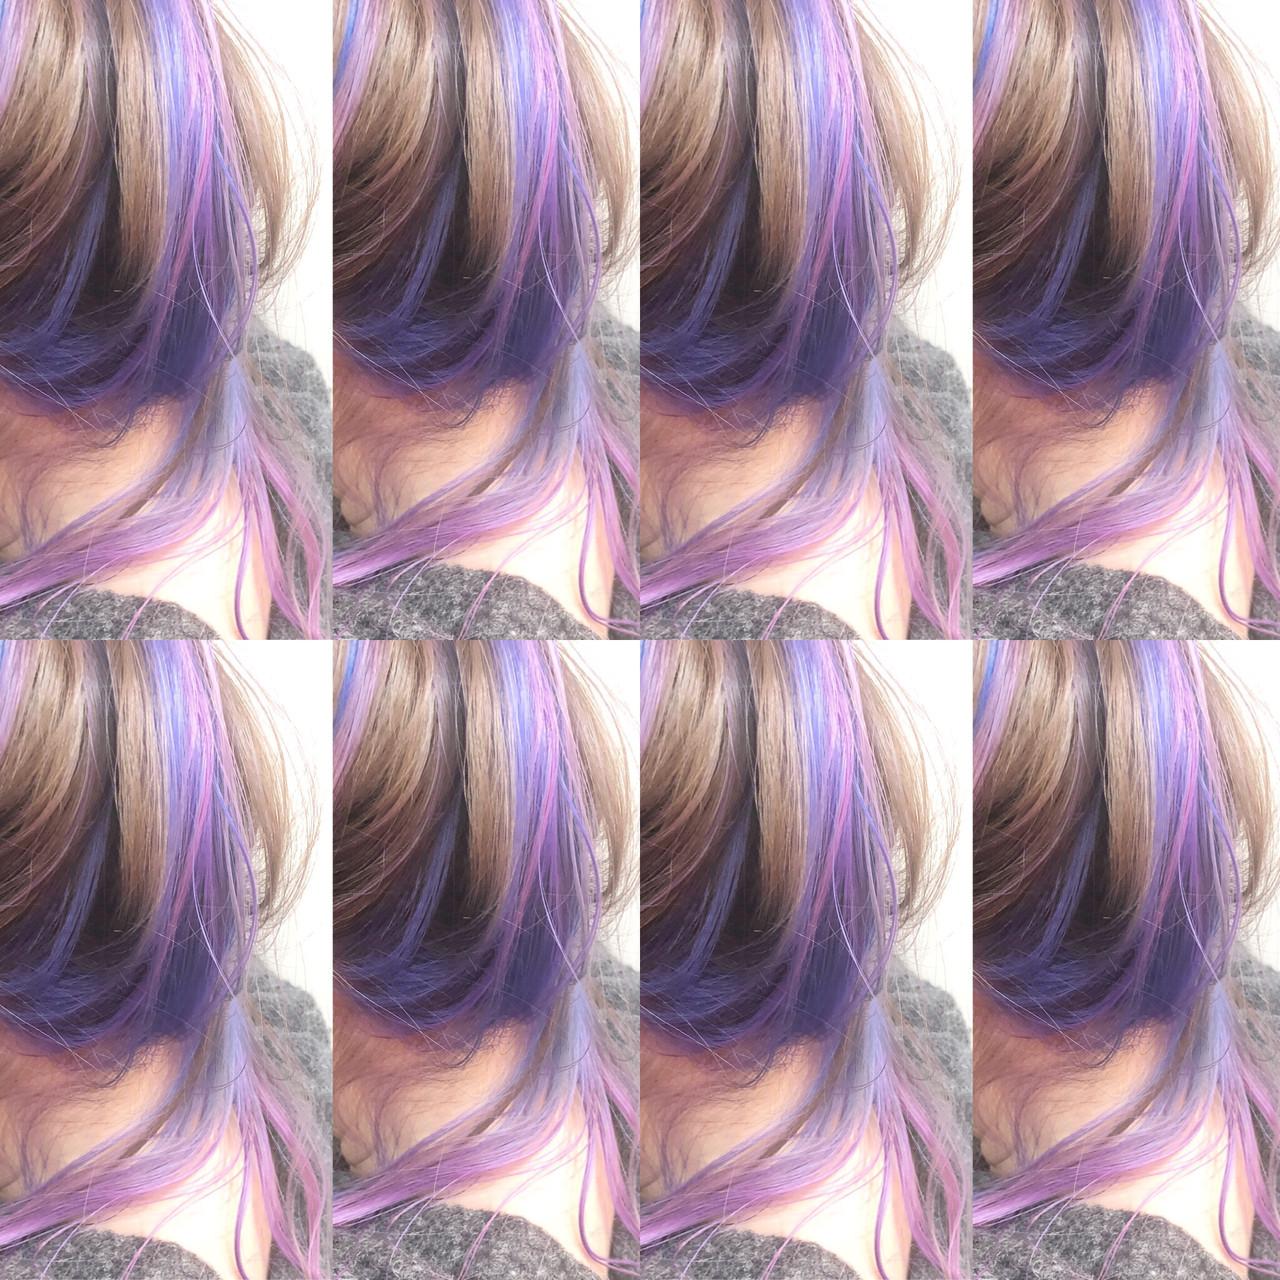 バレイヤージュ ストリート グラデーションカラー インナーカラー ヘアスタイルや髪型の写真・画像